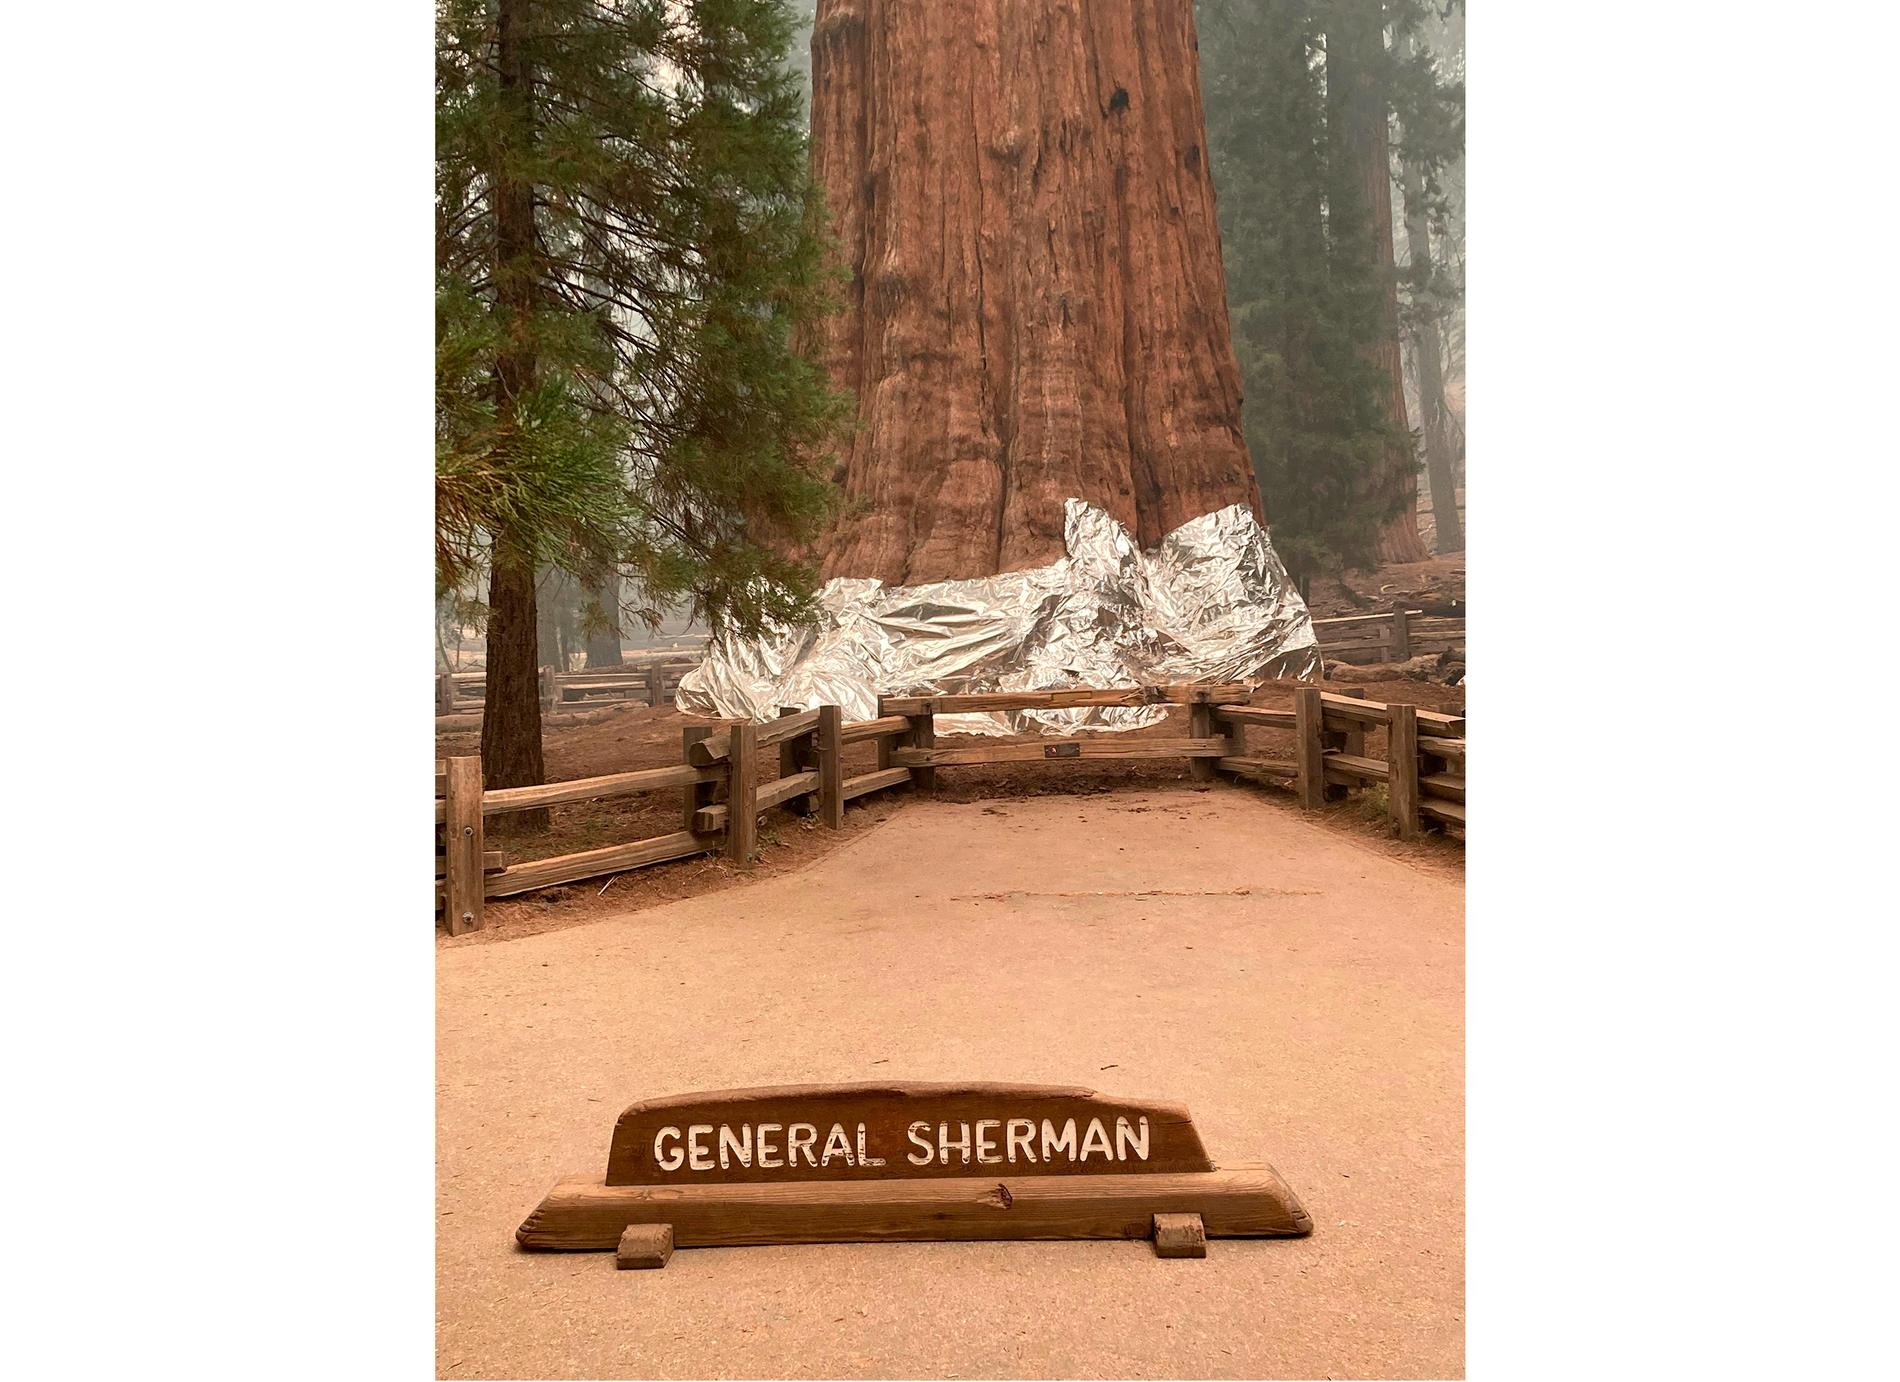 Världens största träd, General Sherman, har täckts med aluminiumfolie nedtill för att skydda stammarna från de värsta lågorna.